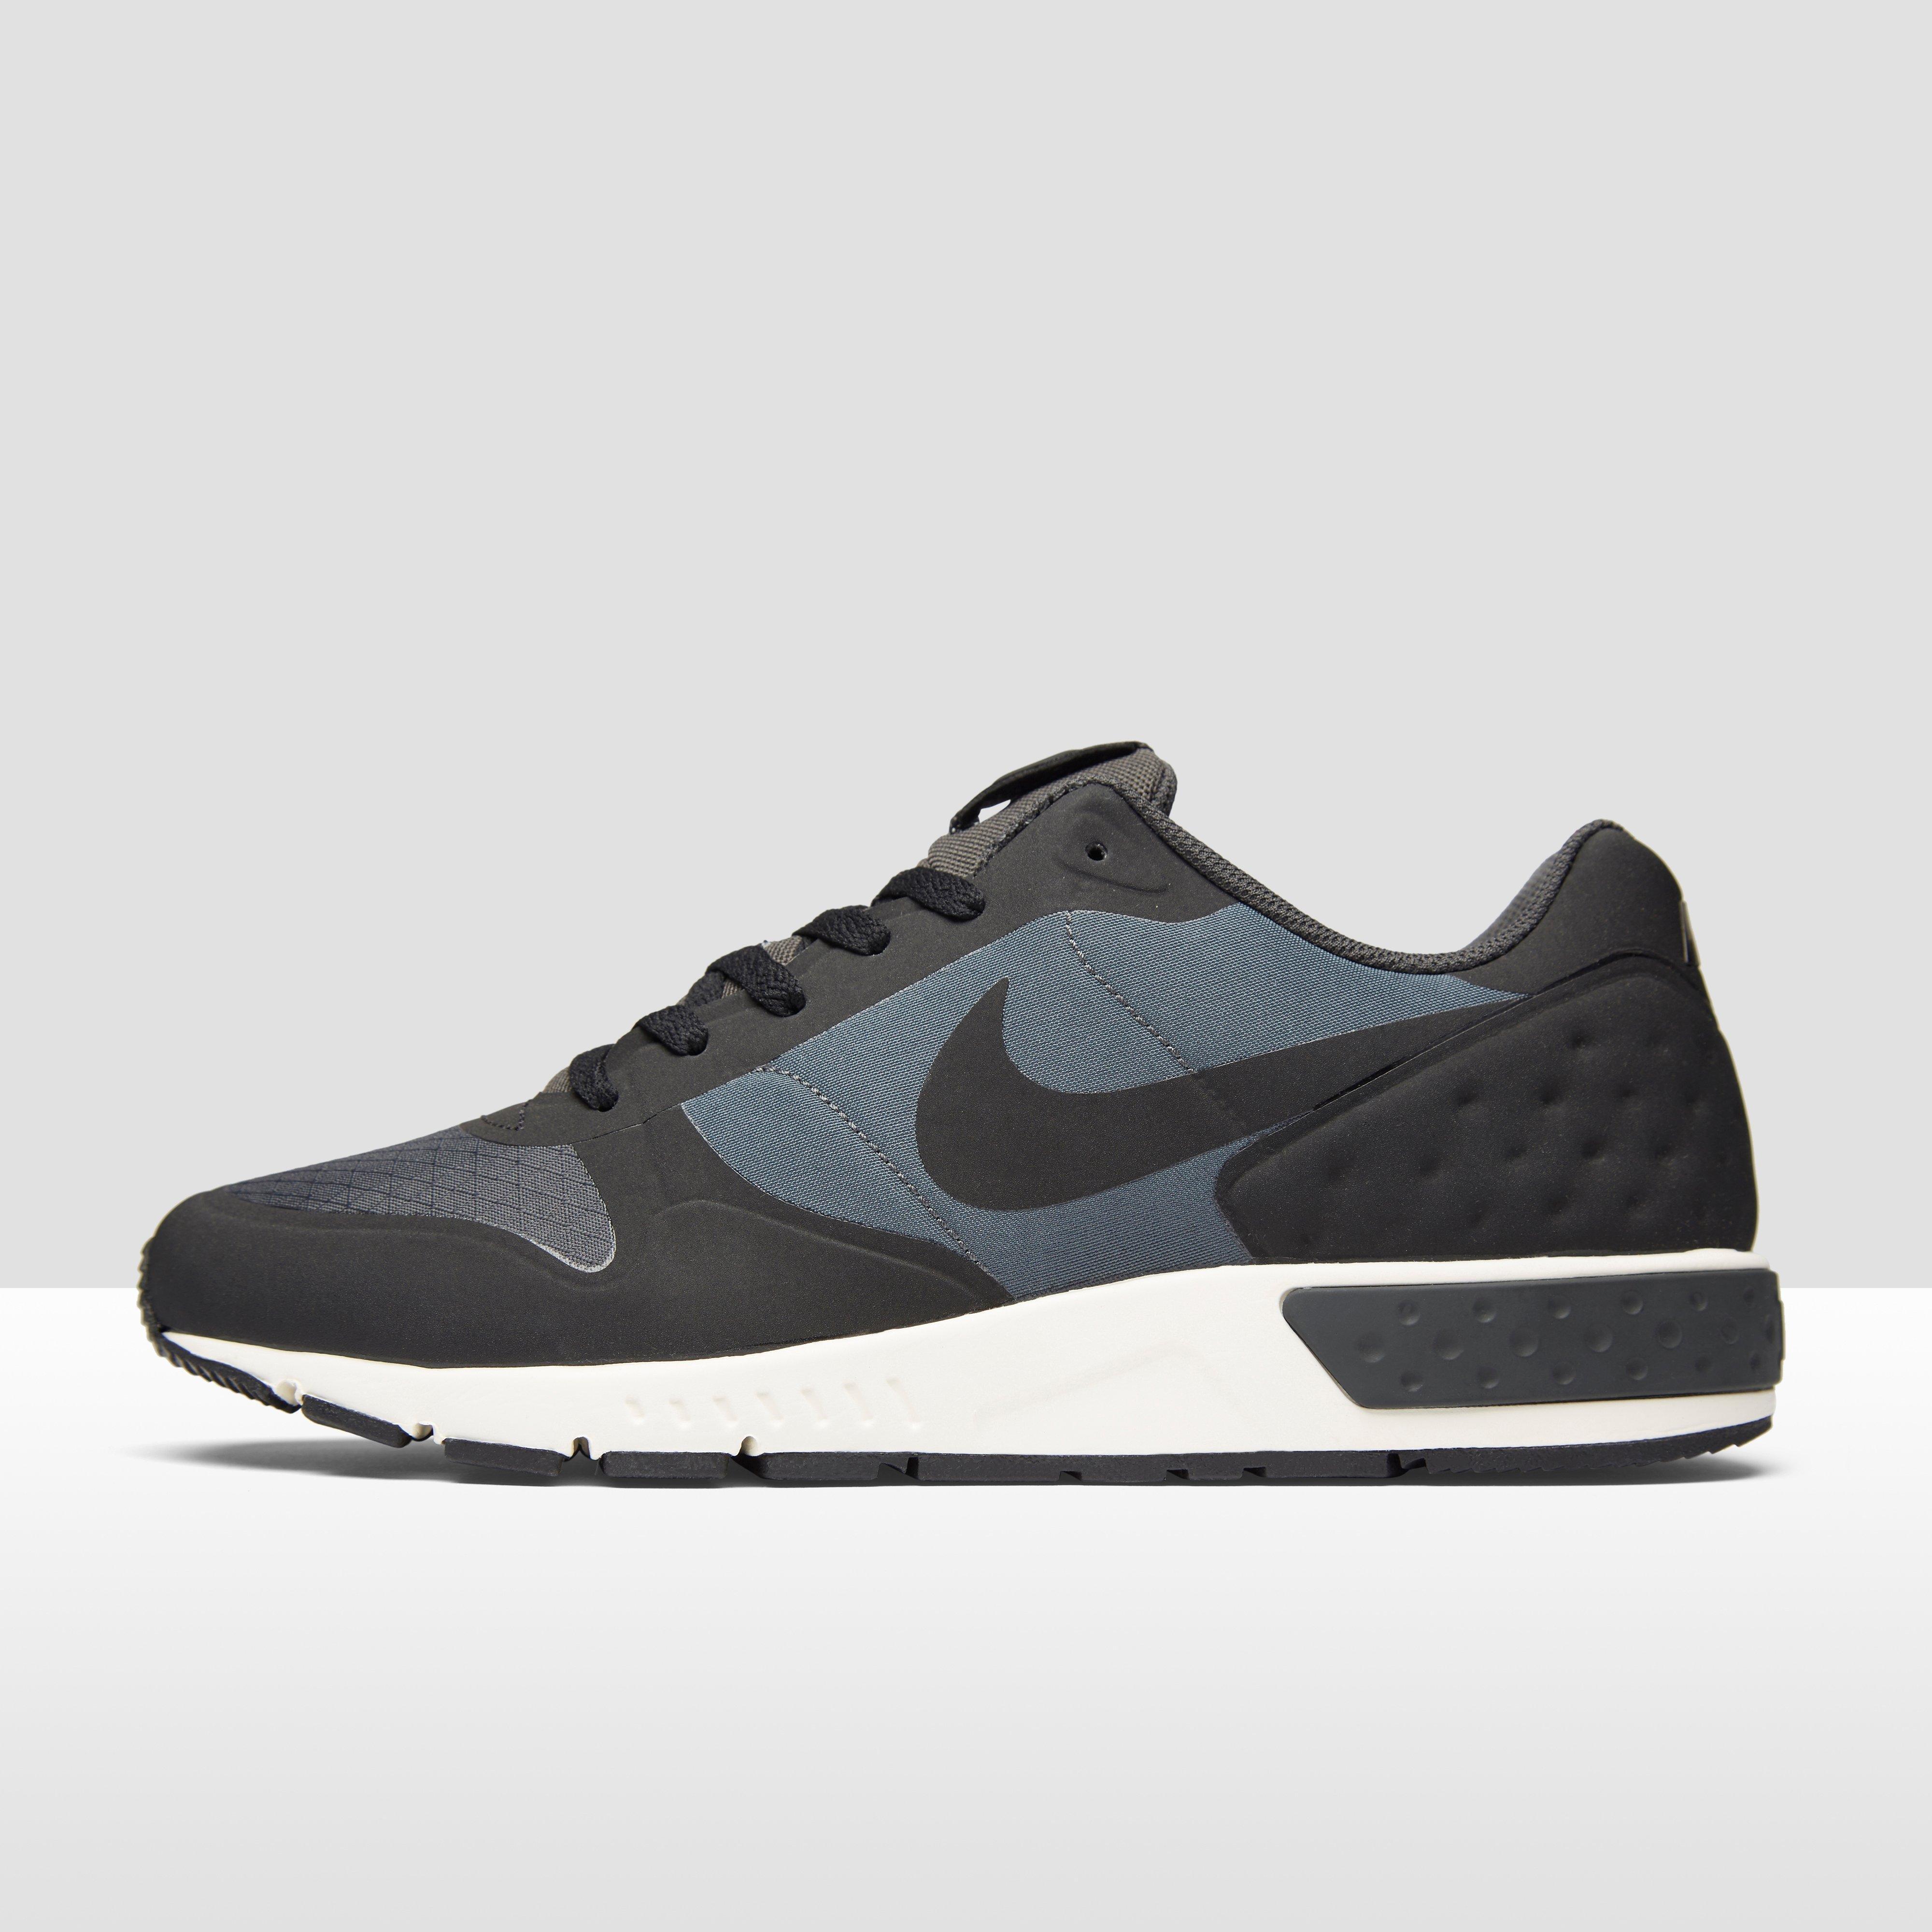 Nightgazer Gris Chaussures Nike Pour Les Hommes qopwjv